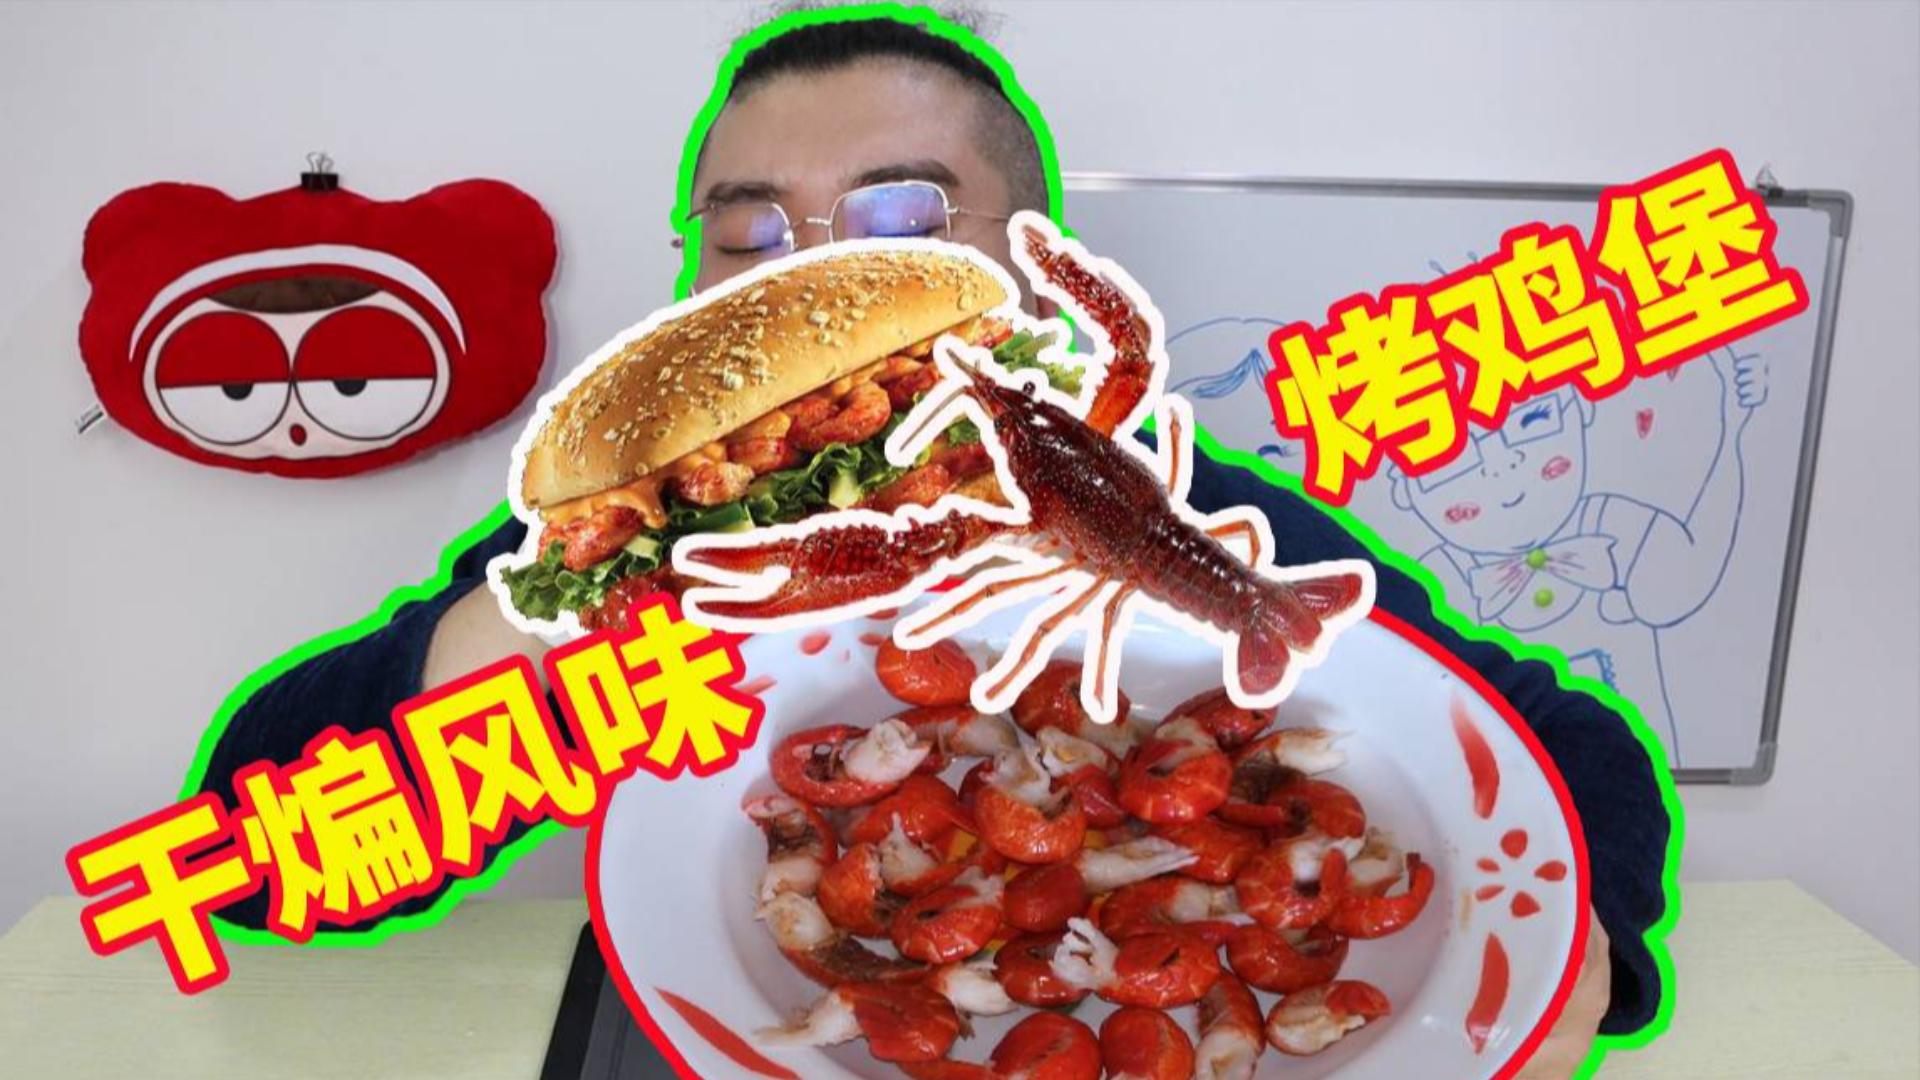 """在家能做出肯德基新品""""干煸小龙虾风味烤鸡堡""""吗?差别有多大?"""